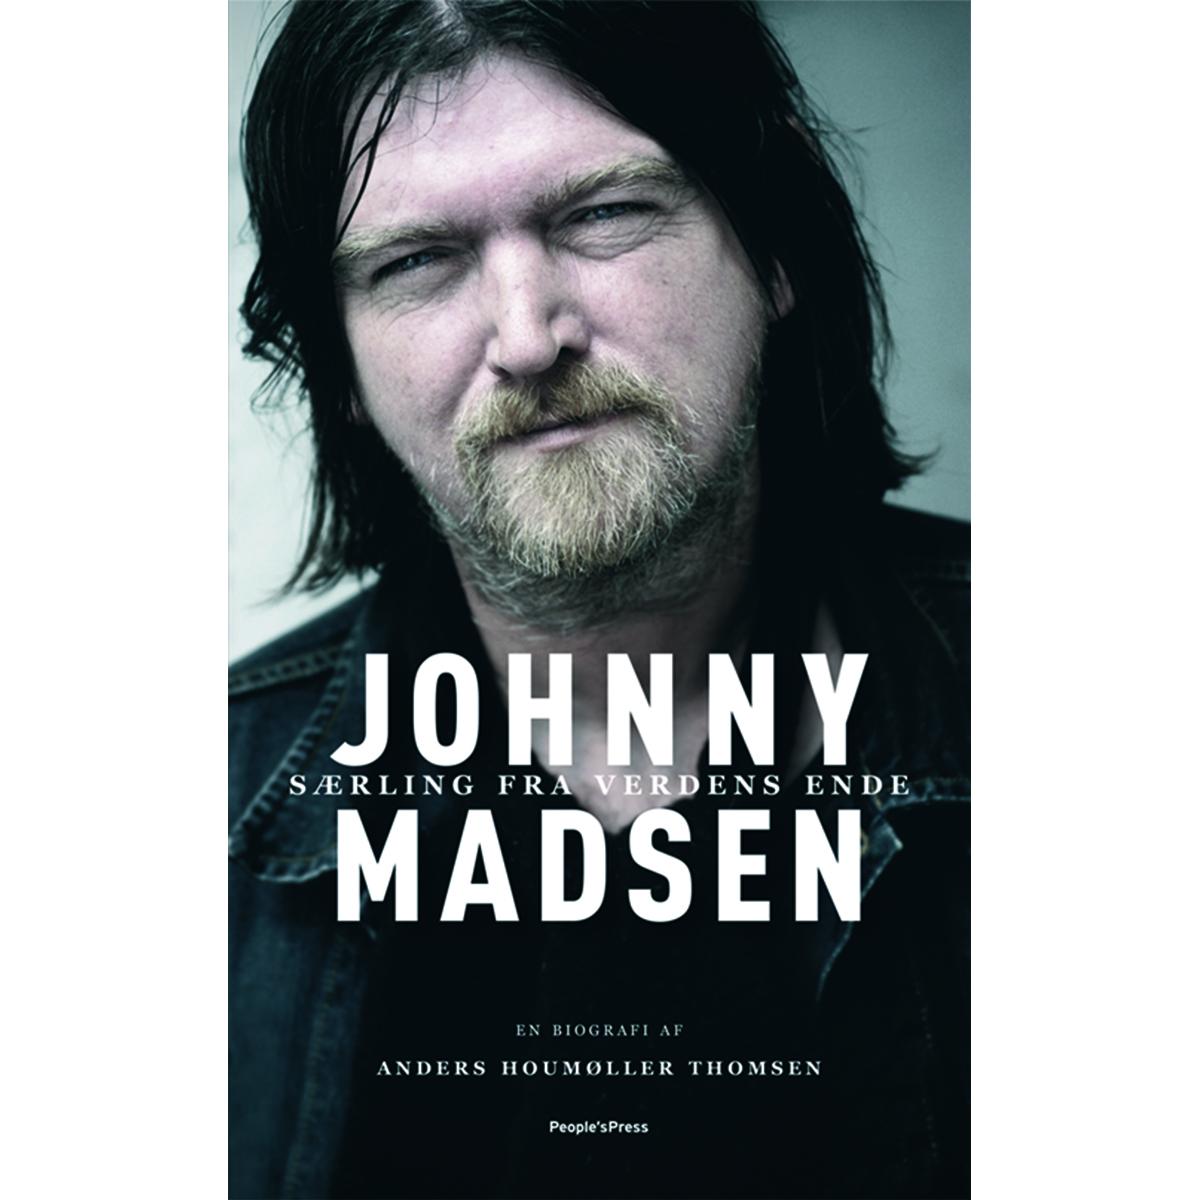 Johnny Madsen - særling fra verdens ende - Paperback